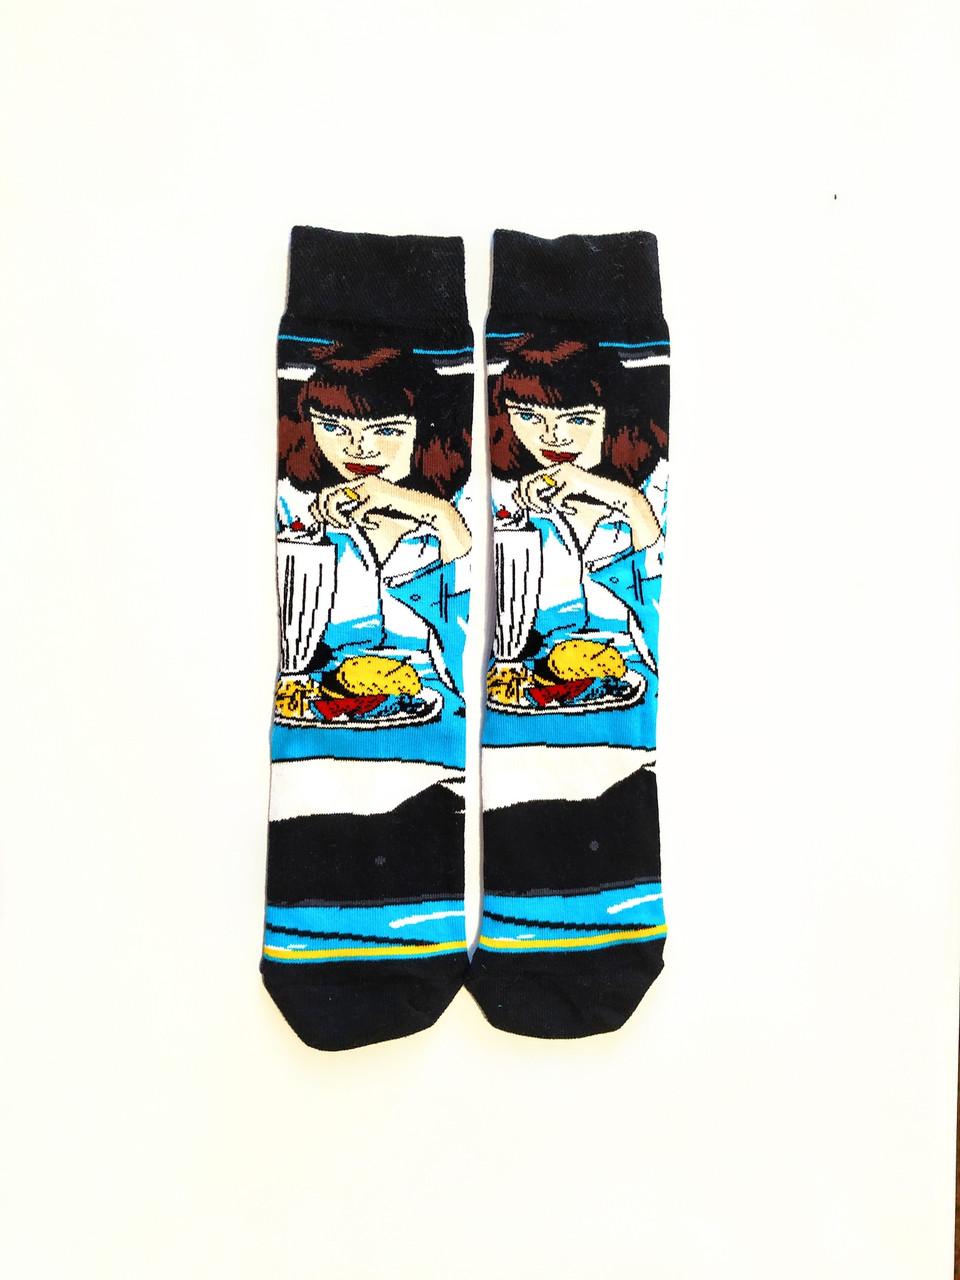 Шкарпетки високі з принтом Мія Уоллес розмір 37-43